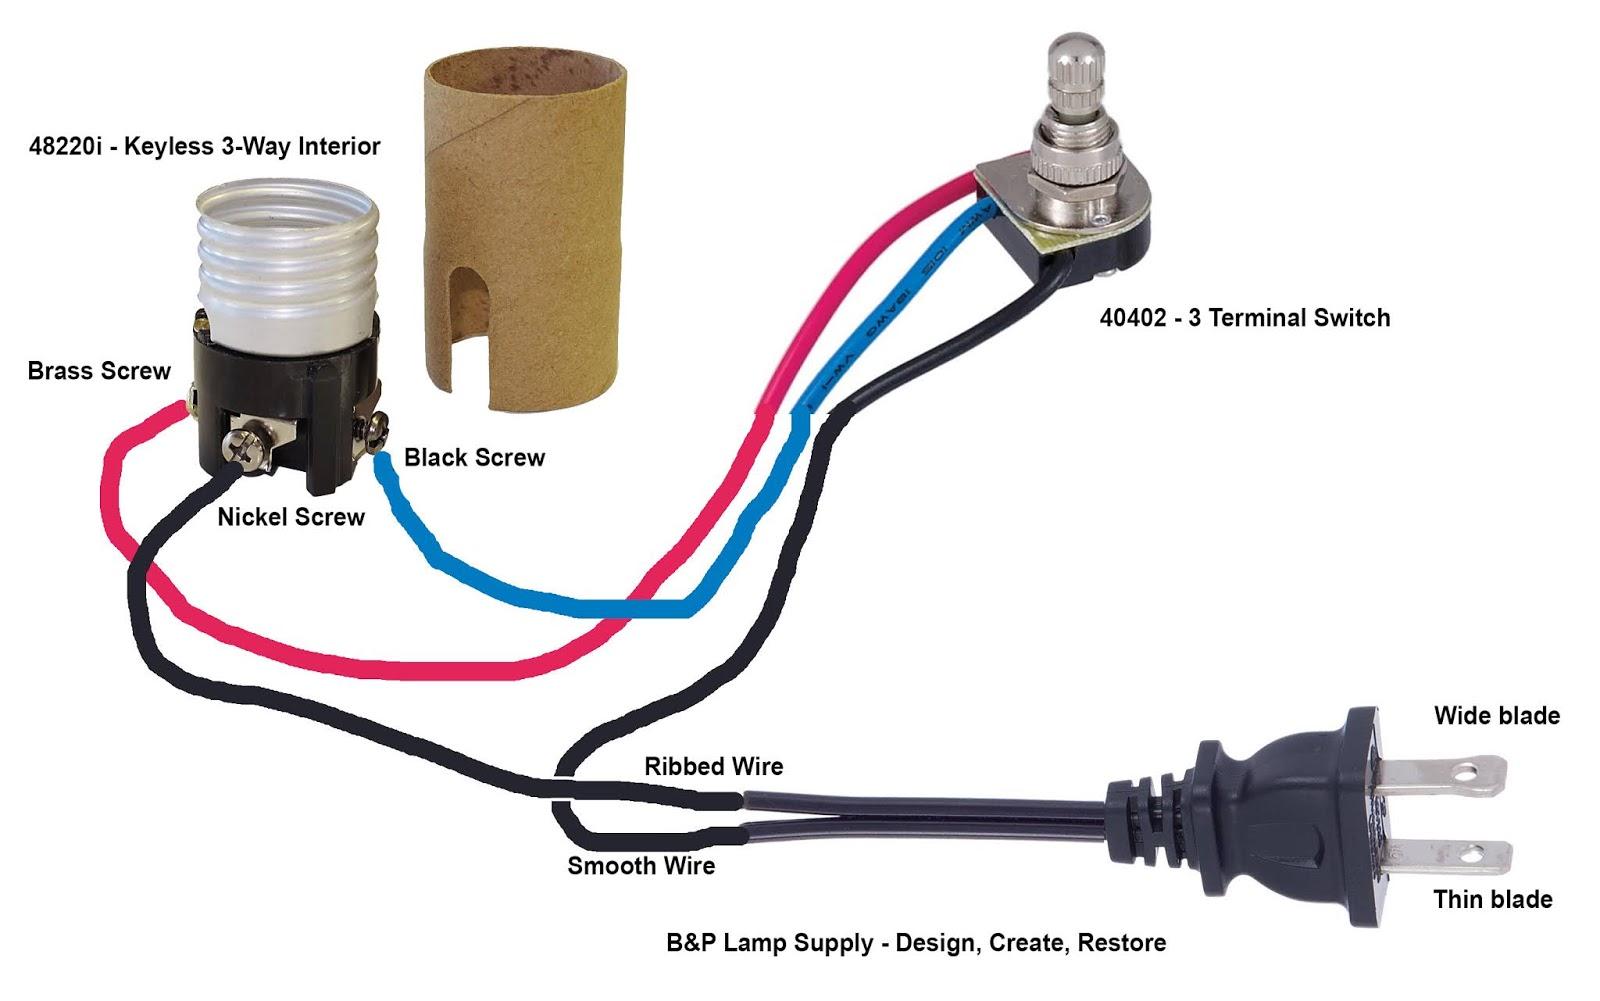 Lamp Parts and Repair | Lamp Doctor: 2019 Lamp Parts and Repair